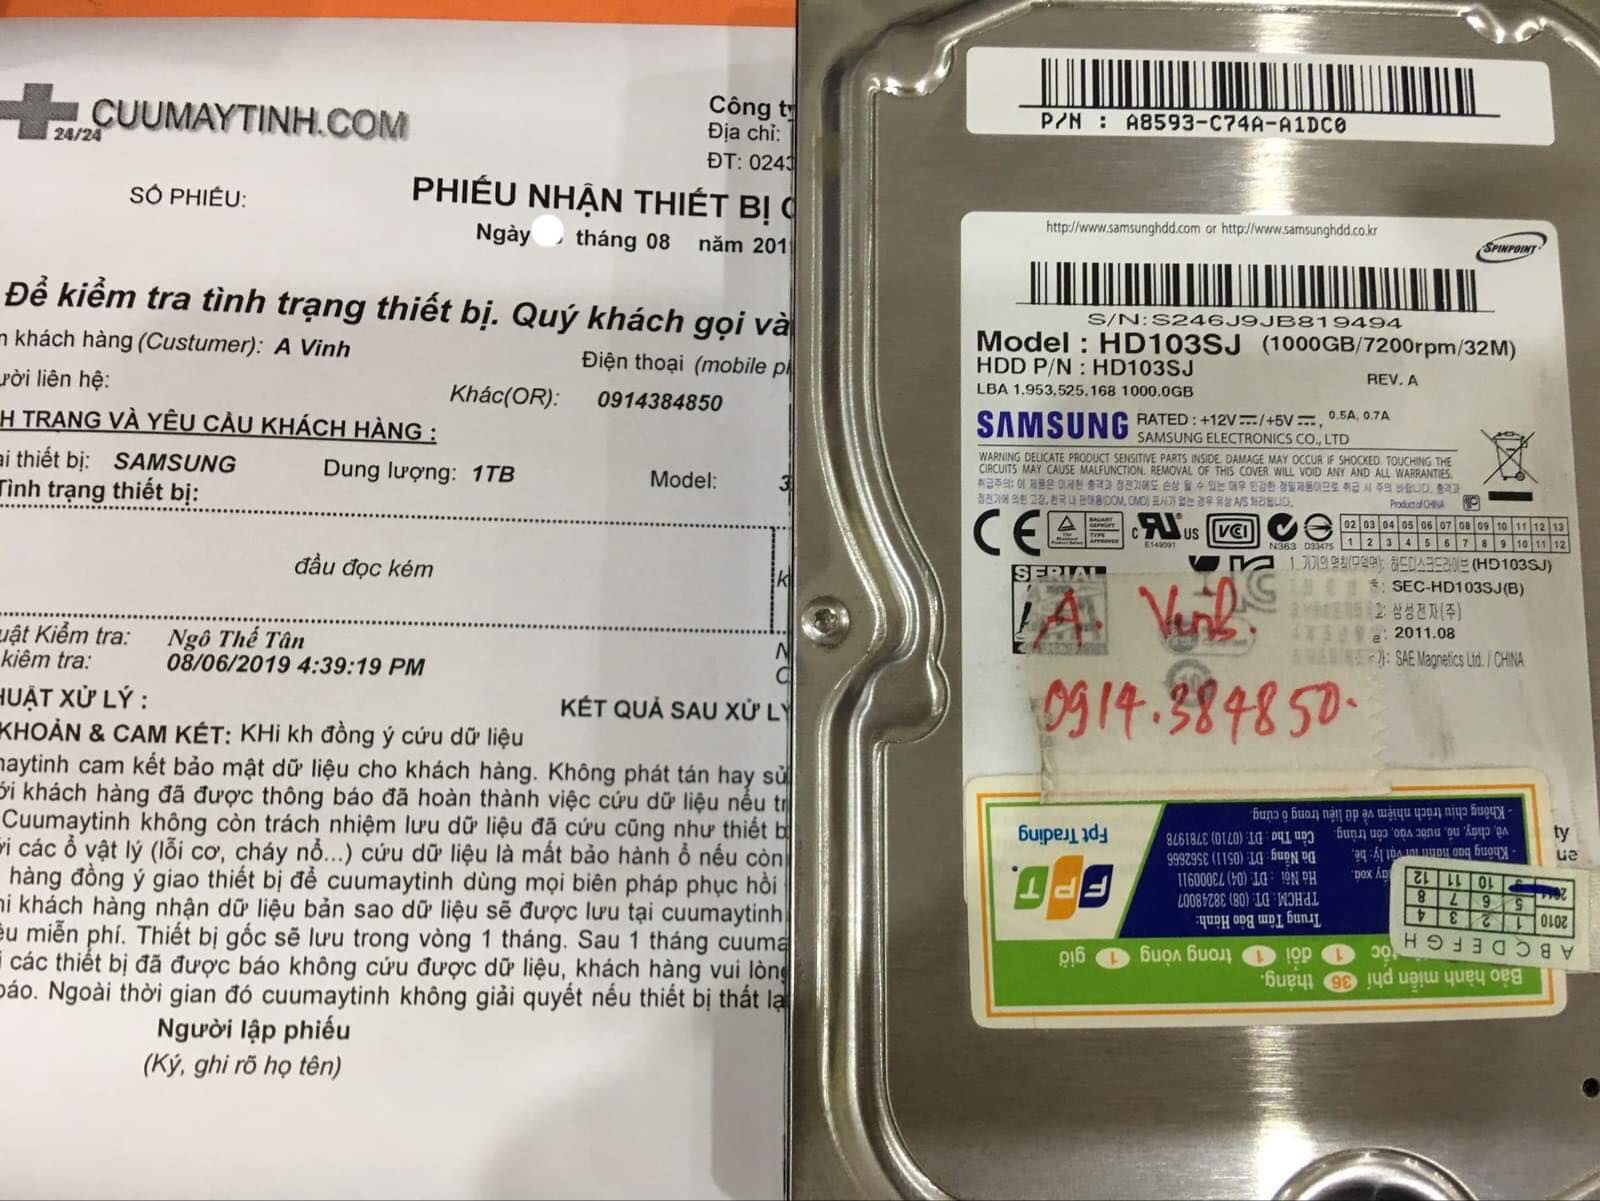 Phục hồi dữ liệu ổ cứng Samsung 1TB đầu đọc kém 13/08/2019 - cuumaytinh